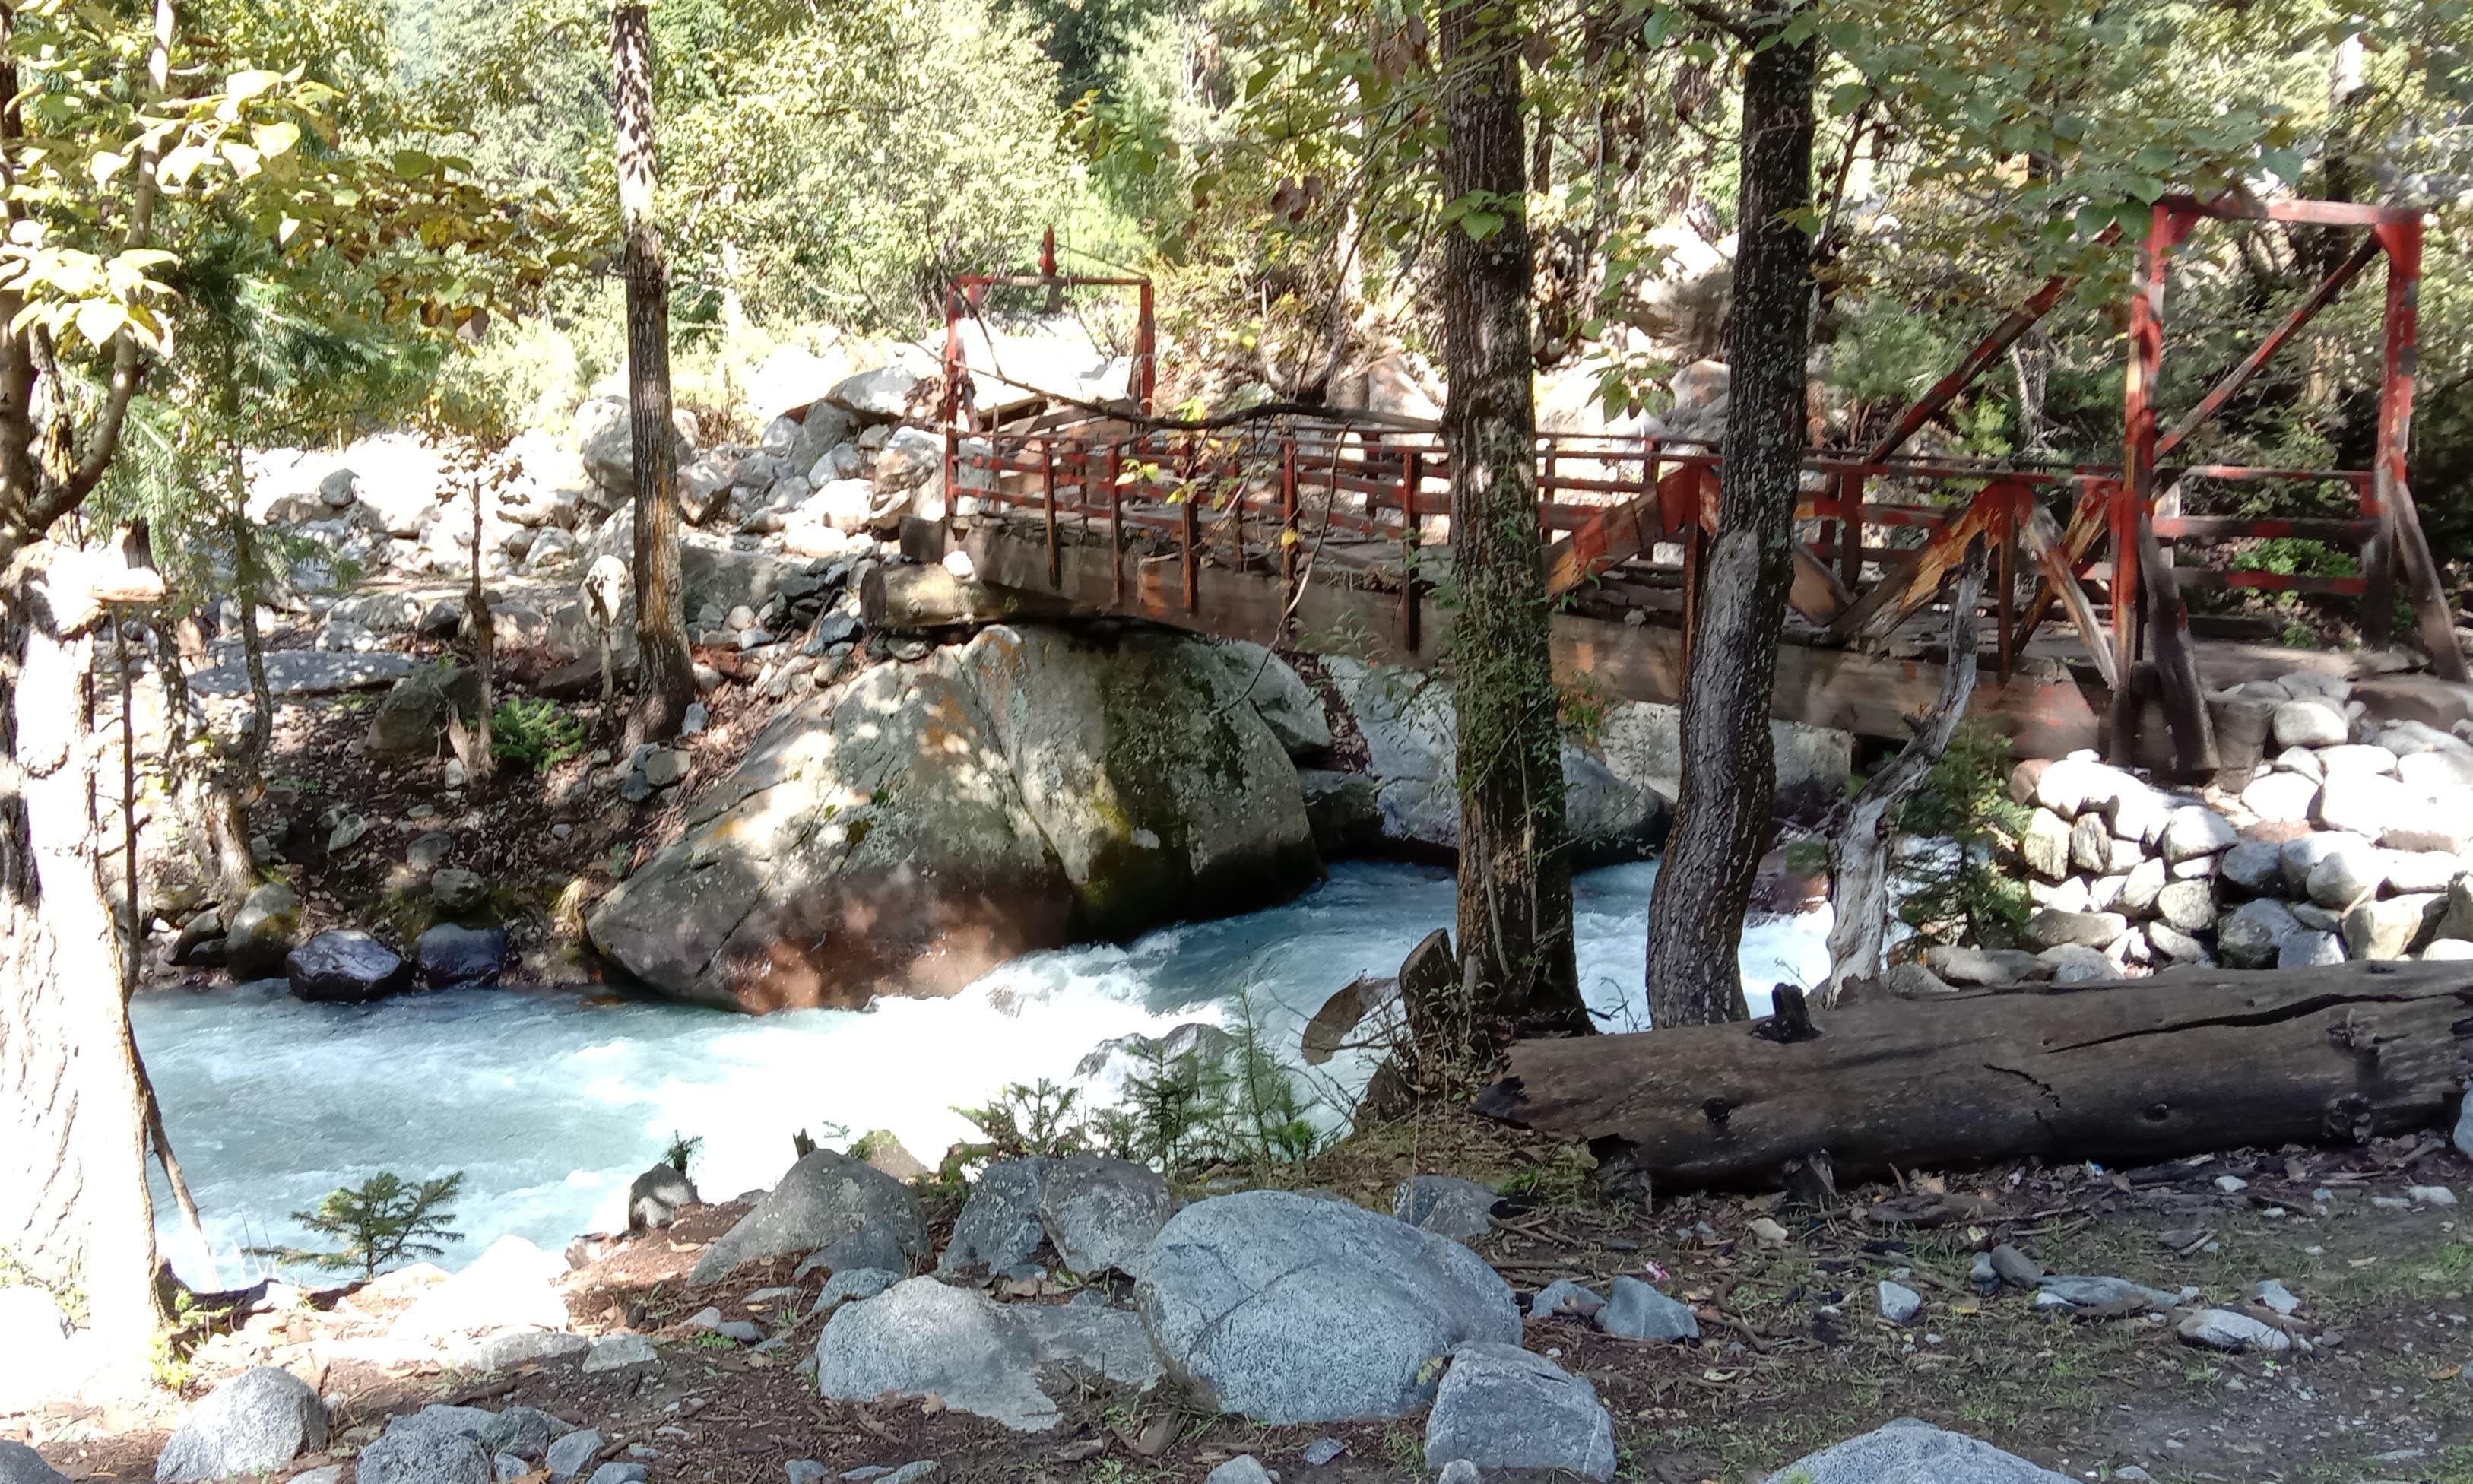 کنڈل جھیل کا پانی اور نالے کو عبور کرنے کے لیے بنایا گیا لکڑی کا پُل—تصویر: عظمت اکبر